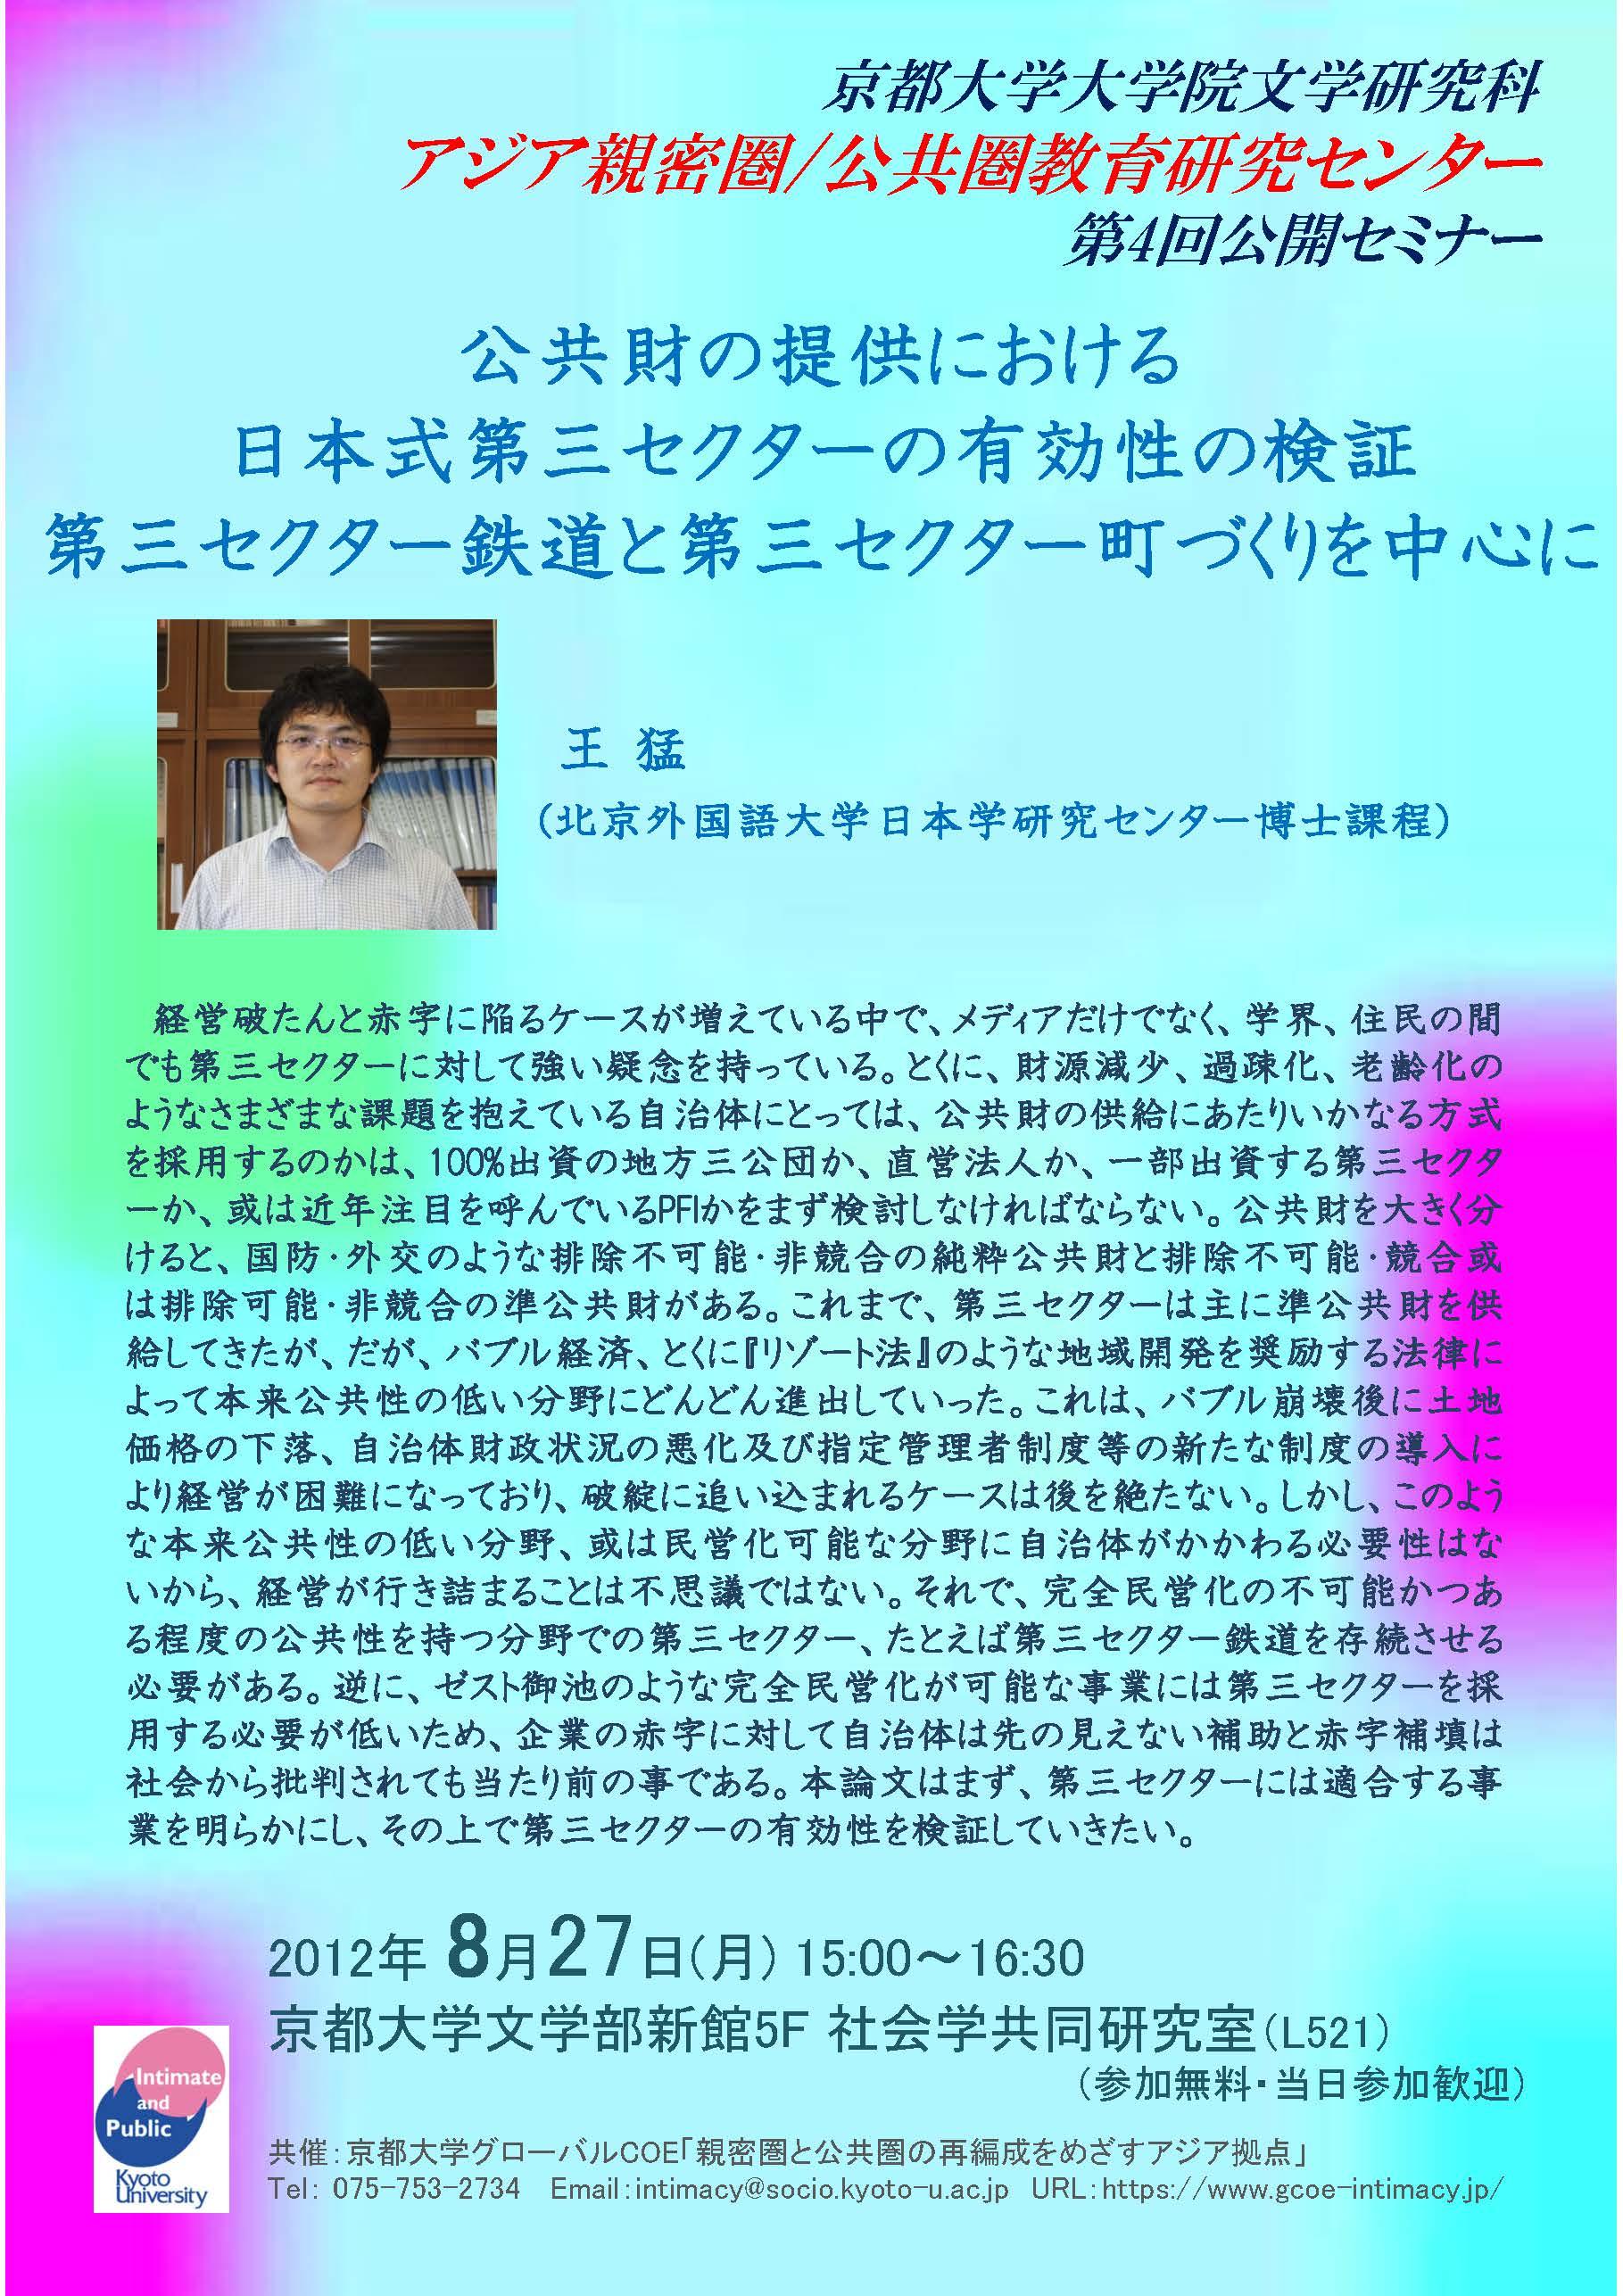 2012/08/27 王猛氏セミナー